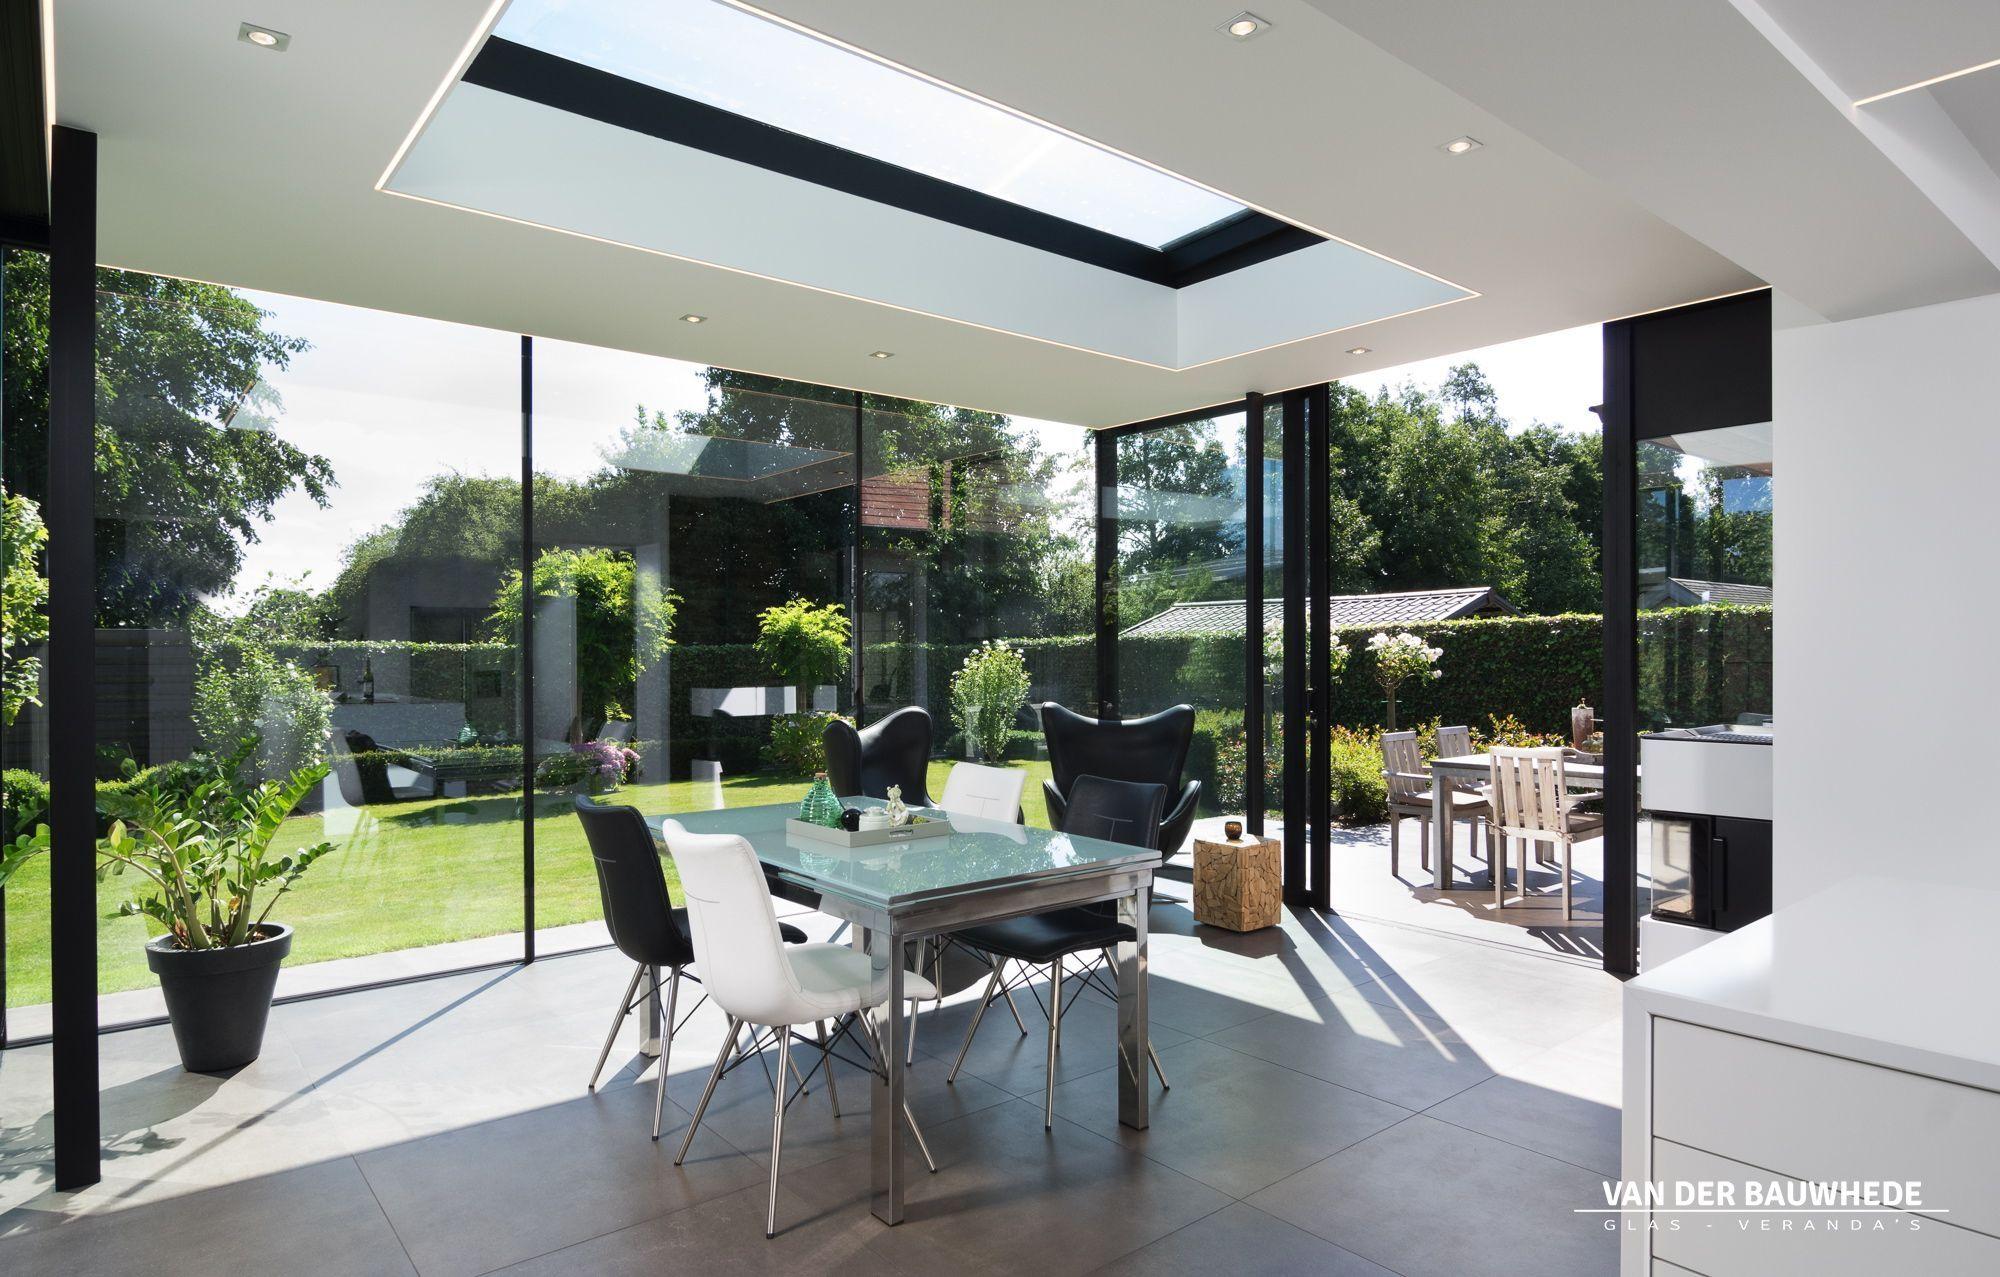 Realisatie te izegem moderne veranda met keuken en eetplaats